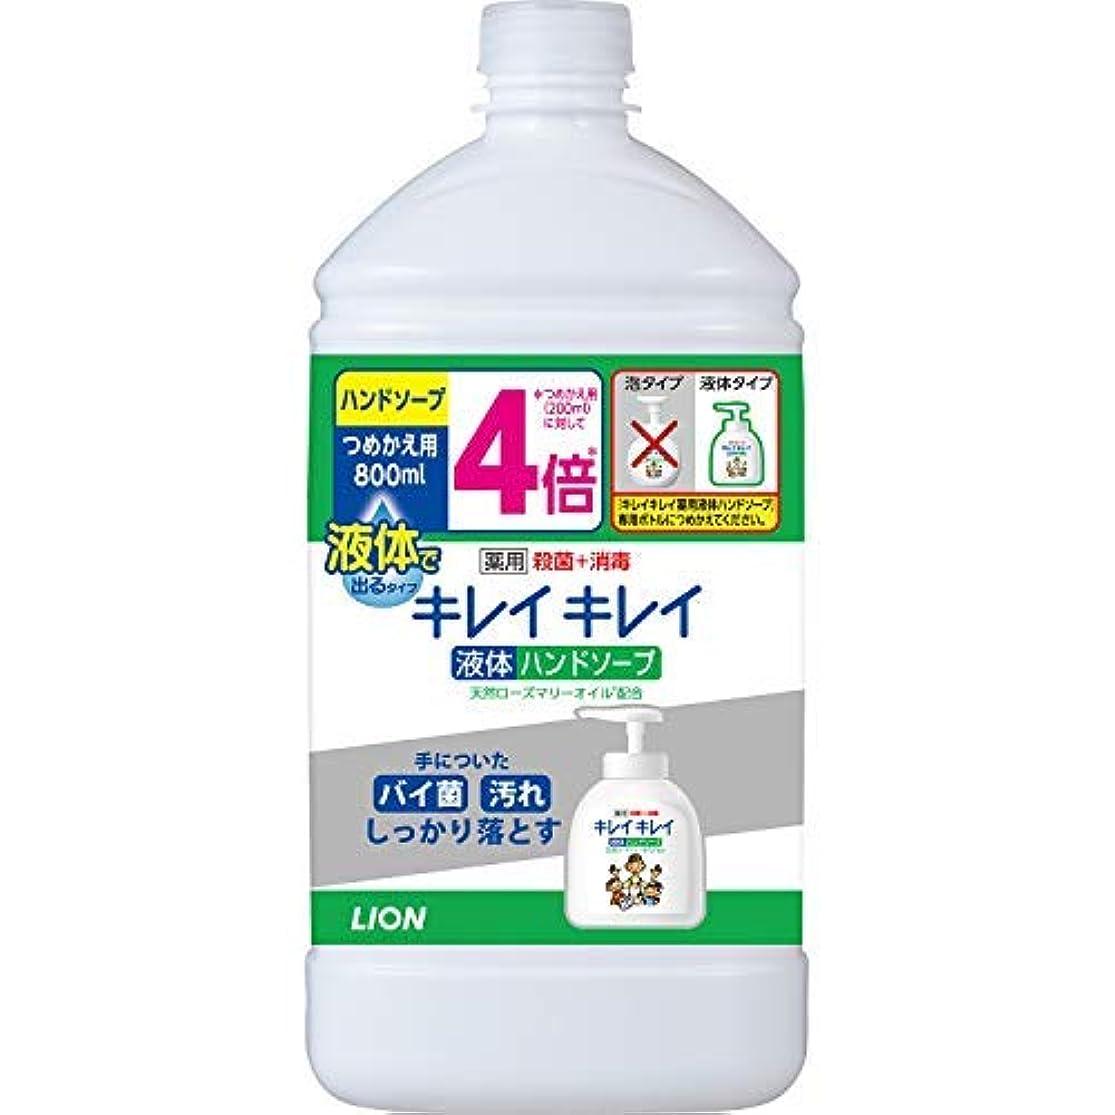 噴出するきょうだい形状キレイキレイ 薬用液体ハンドソープ つめかえ用特大サイズシトラスフルーテイ × 3個セット